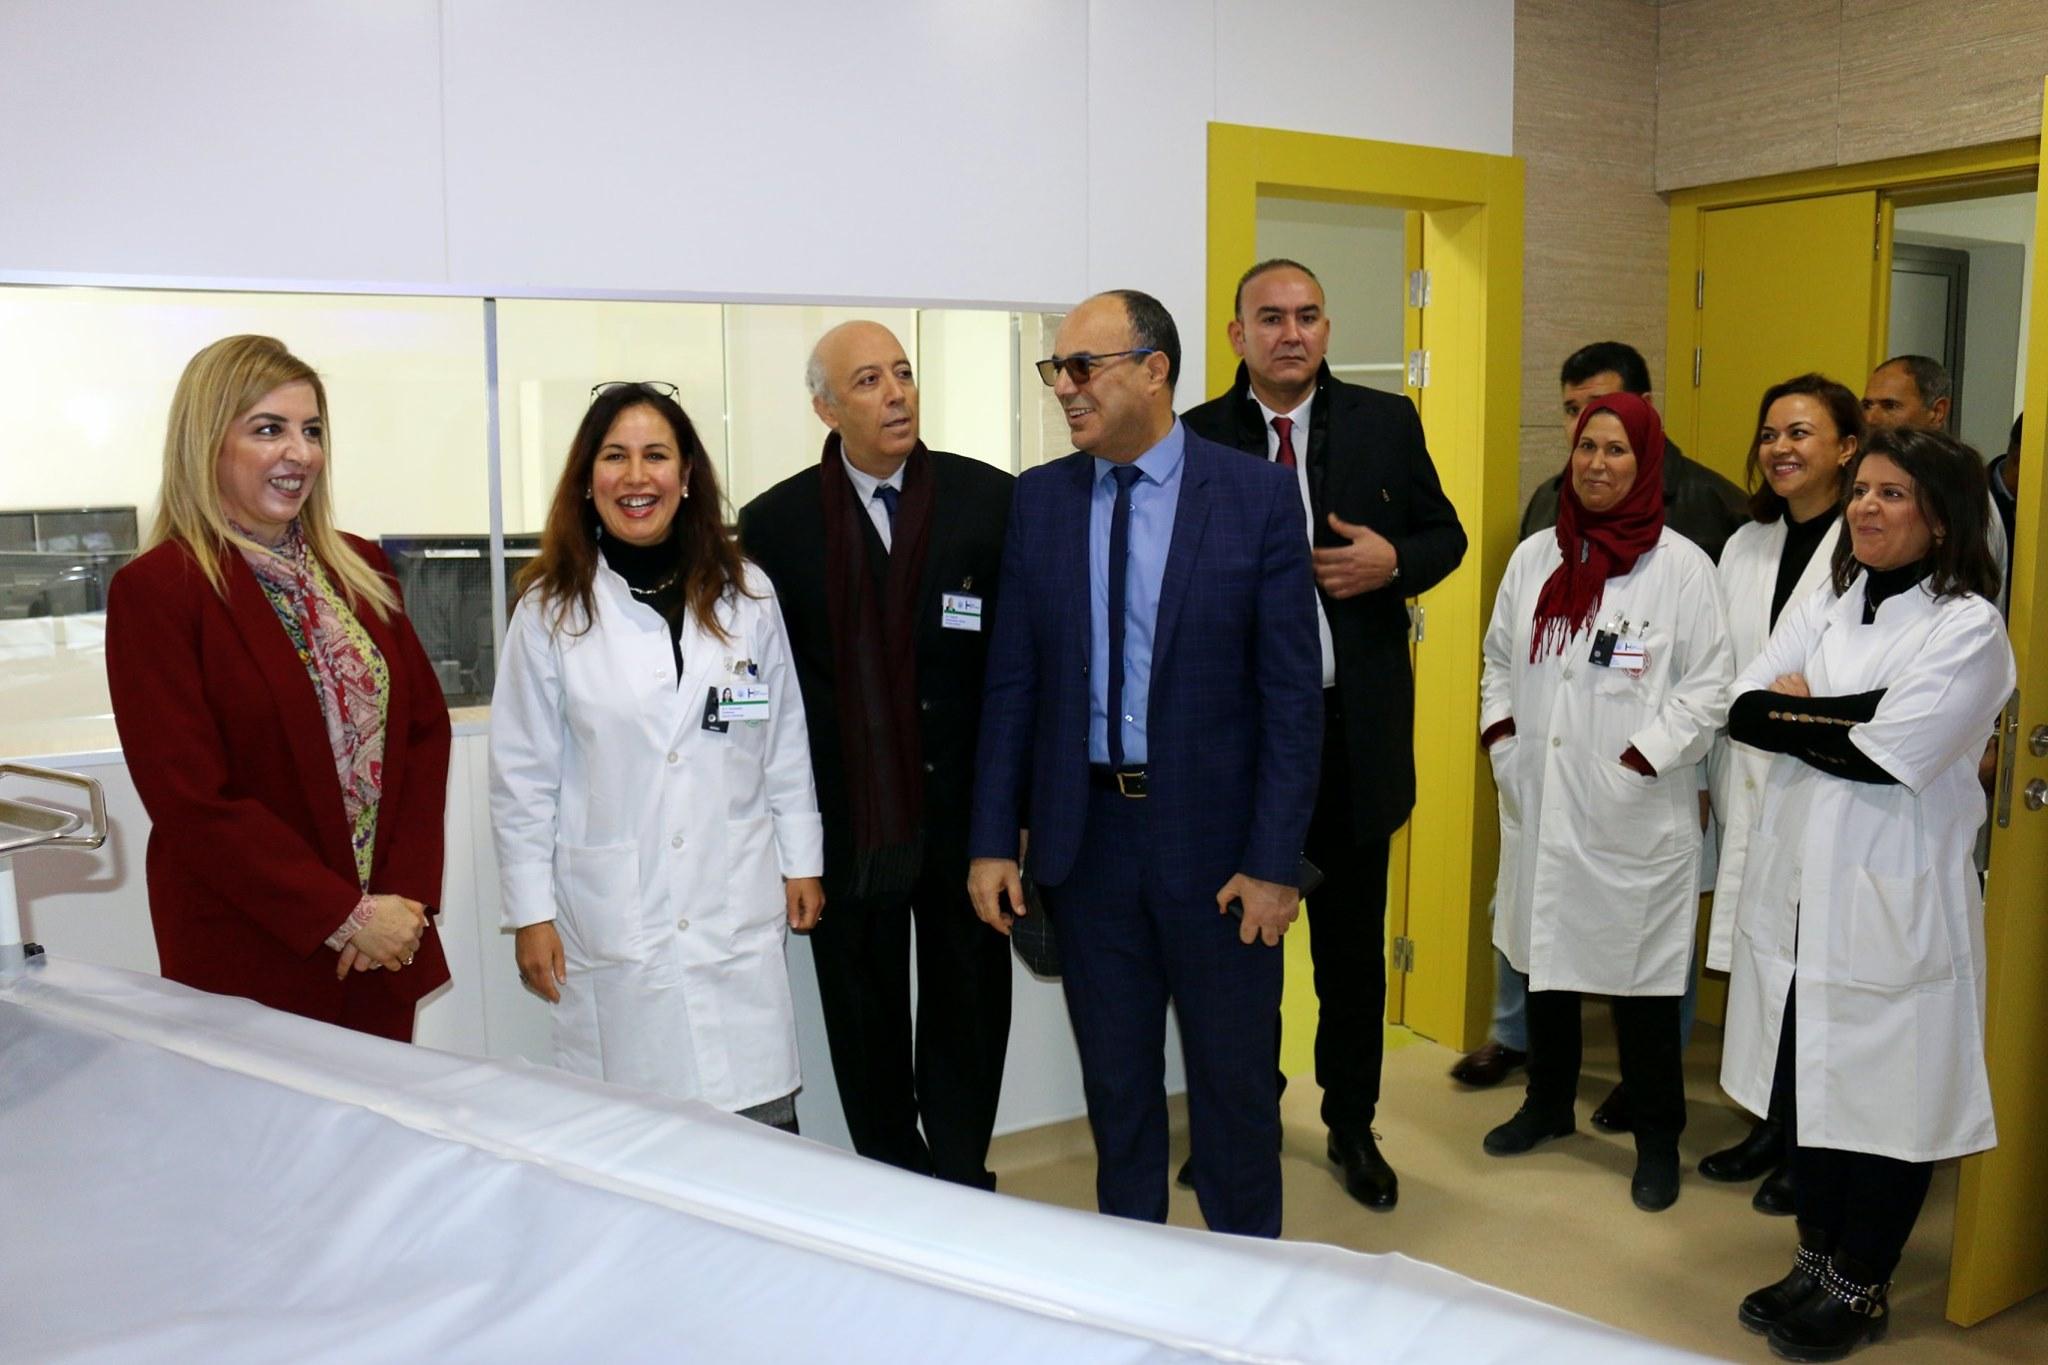 Tunisie :[photos] Lancement de l'exploitation du scanner à l'hôpital Habib Thameur